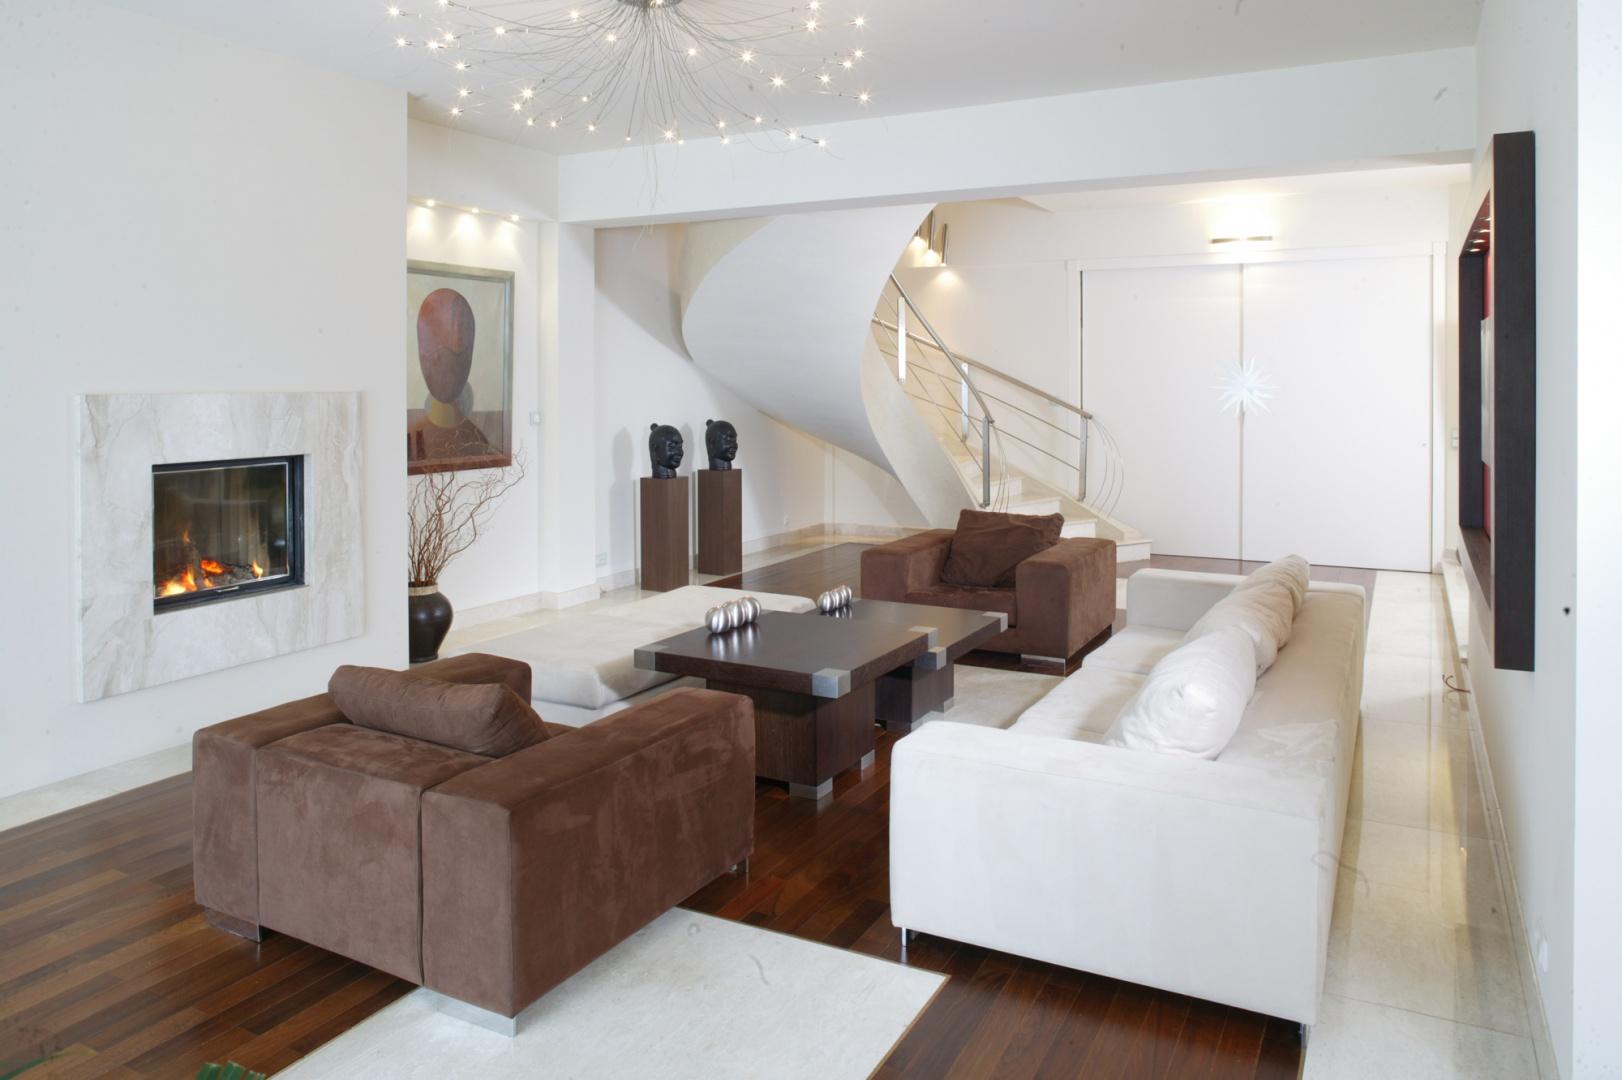 Eleganckie schody, wychodzące wprost z salonu, prowadzą do nocnej części domu. Są one obłożone kamieniem w tym samym kolorze, co kwadraty w parkiecie salonu. Fot. Marcin Onufryjuk.